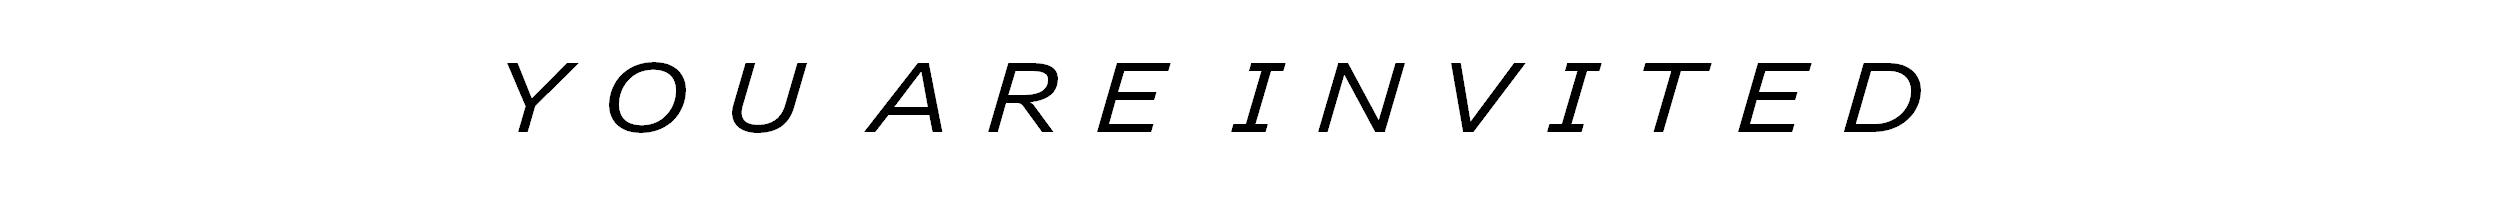 Gala Webpage Banner